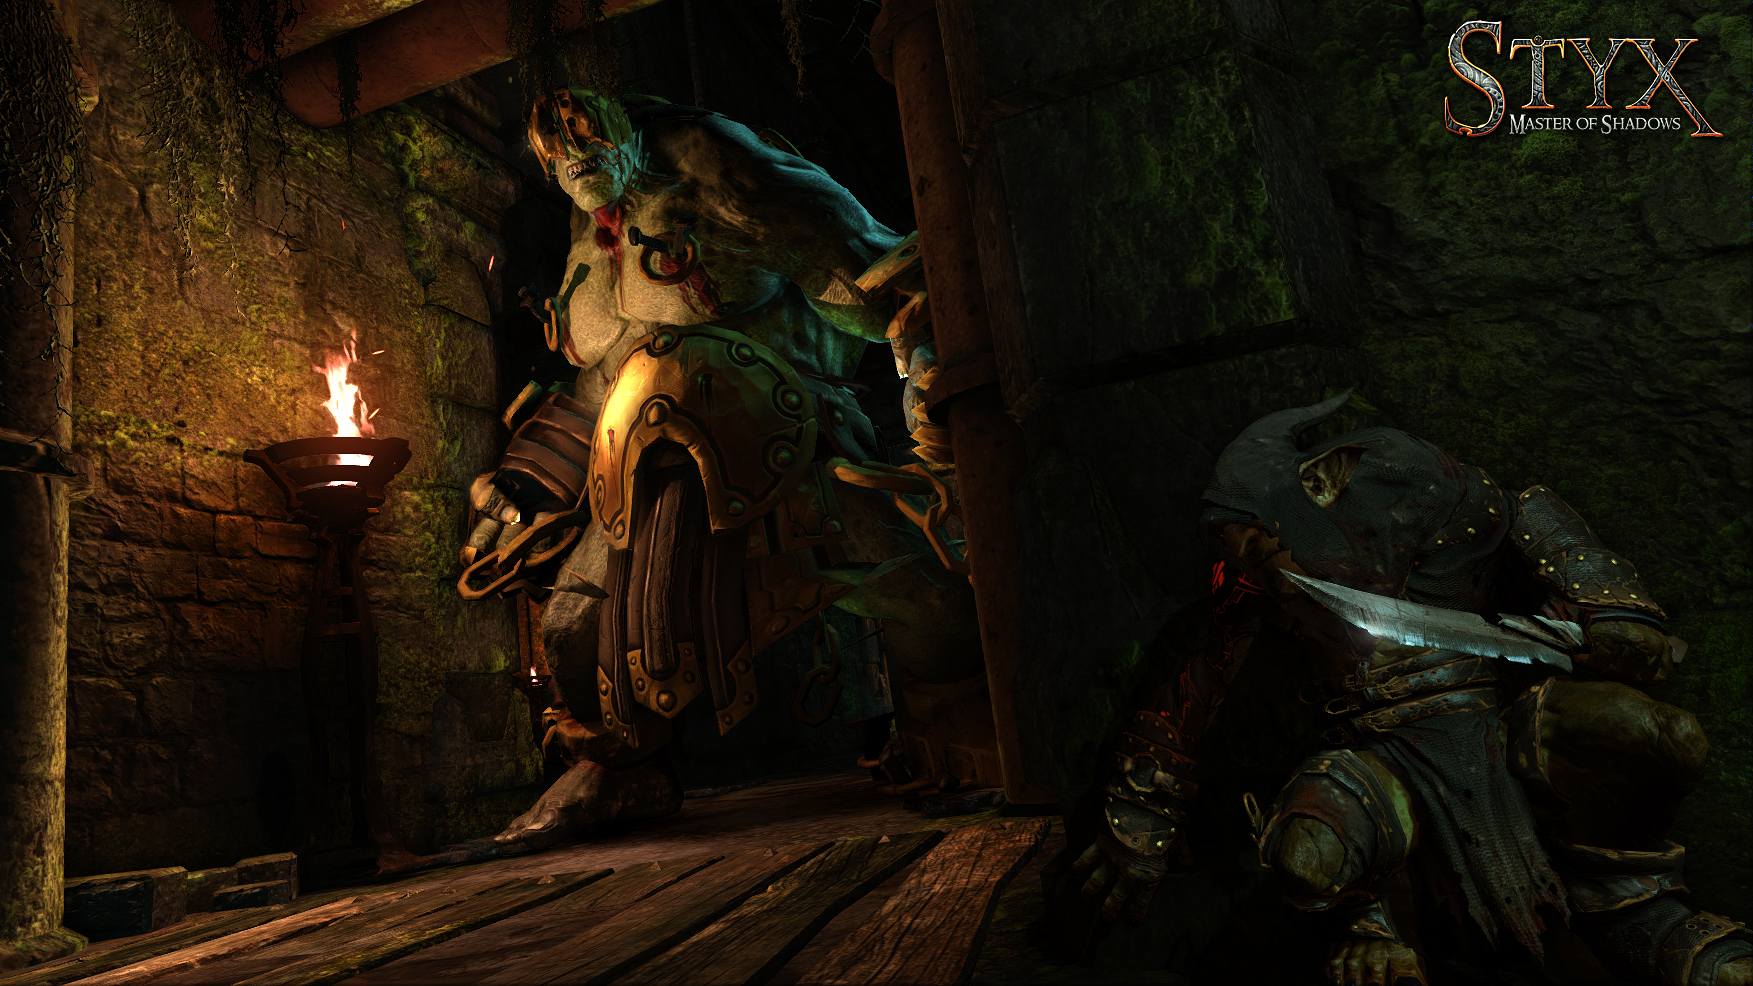 Nové obrázky z akčního RPG Styx: Master of Shadows 95738